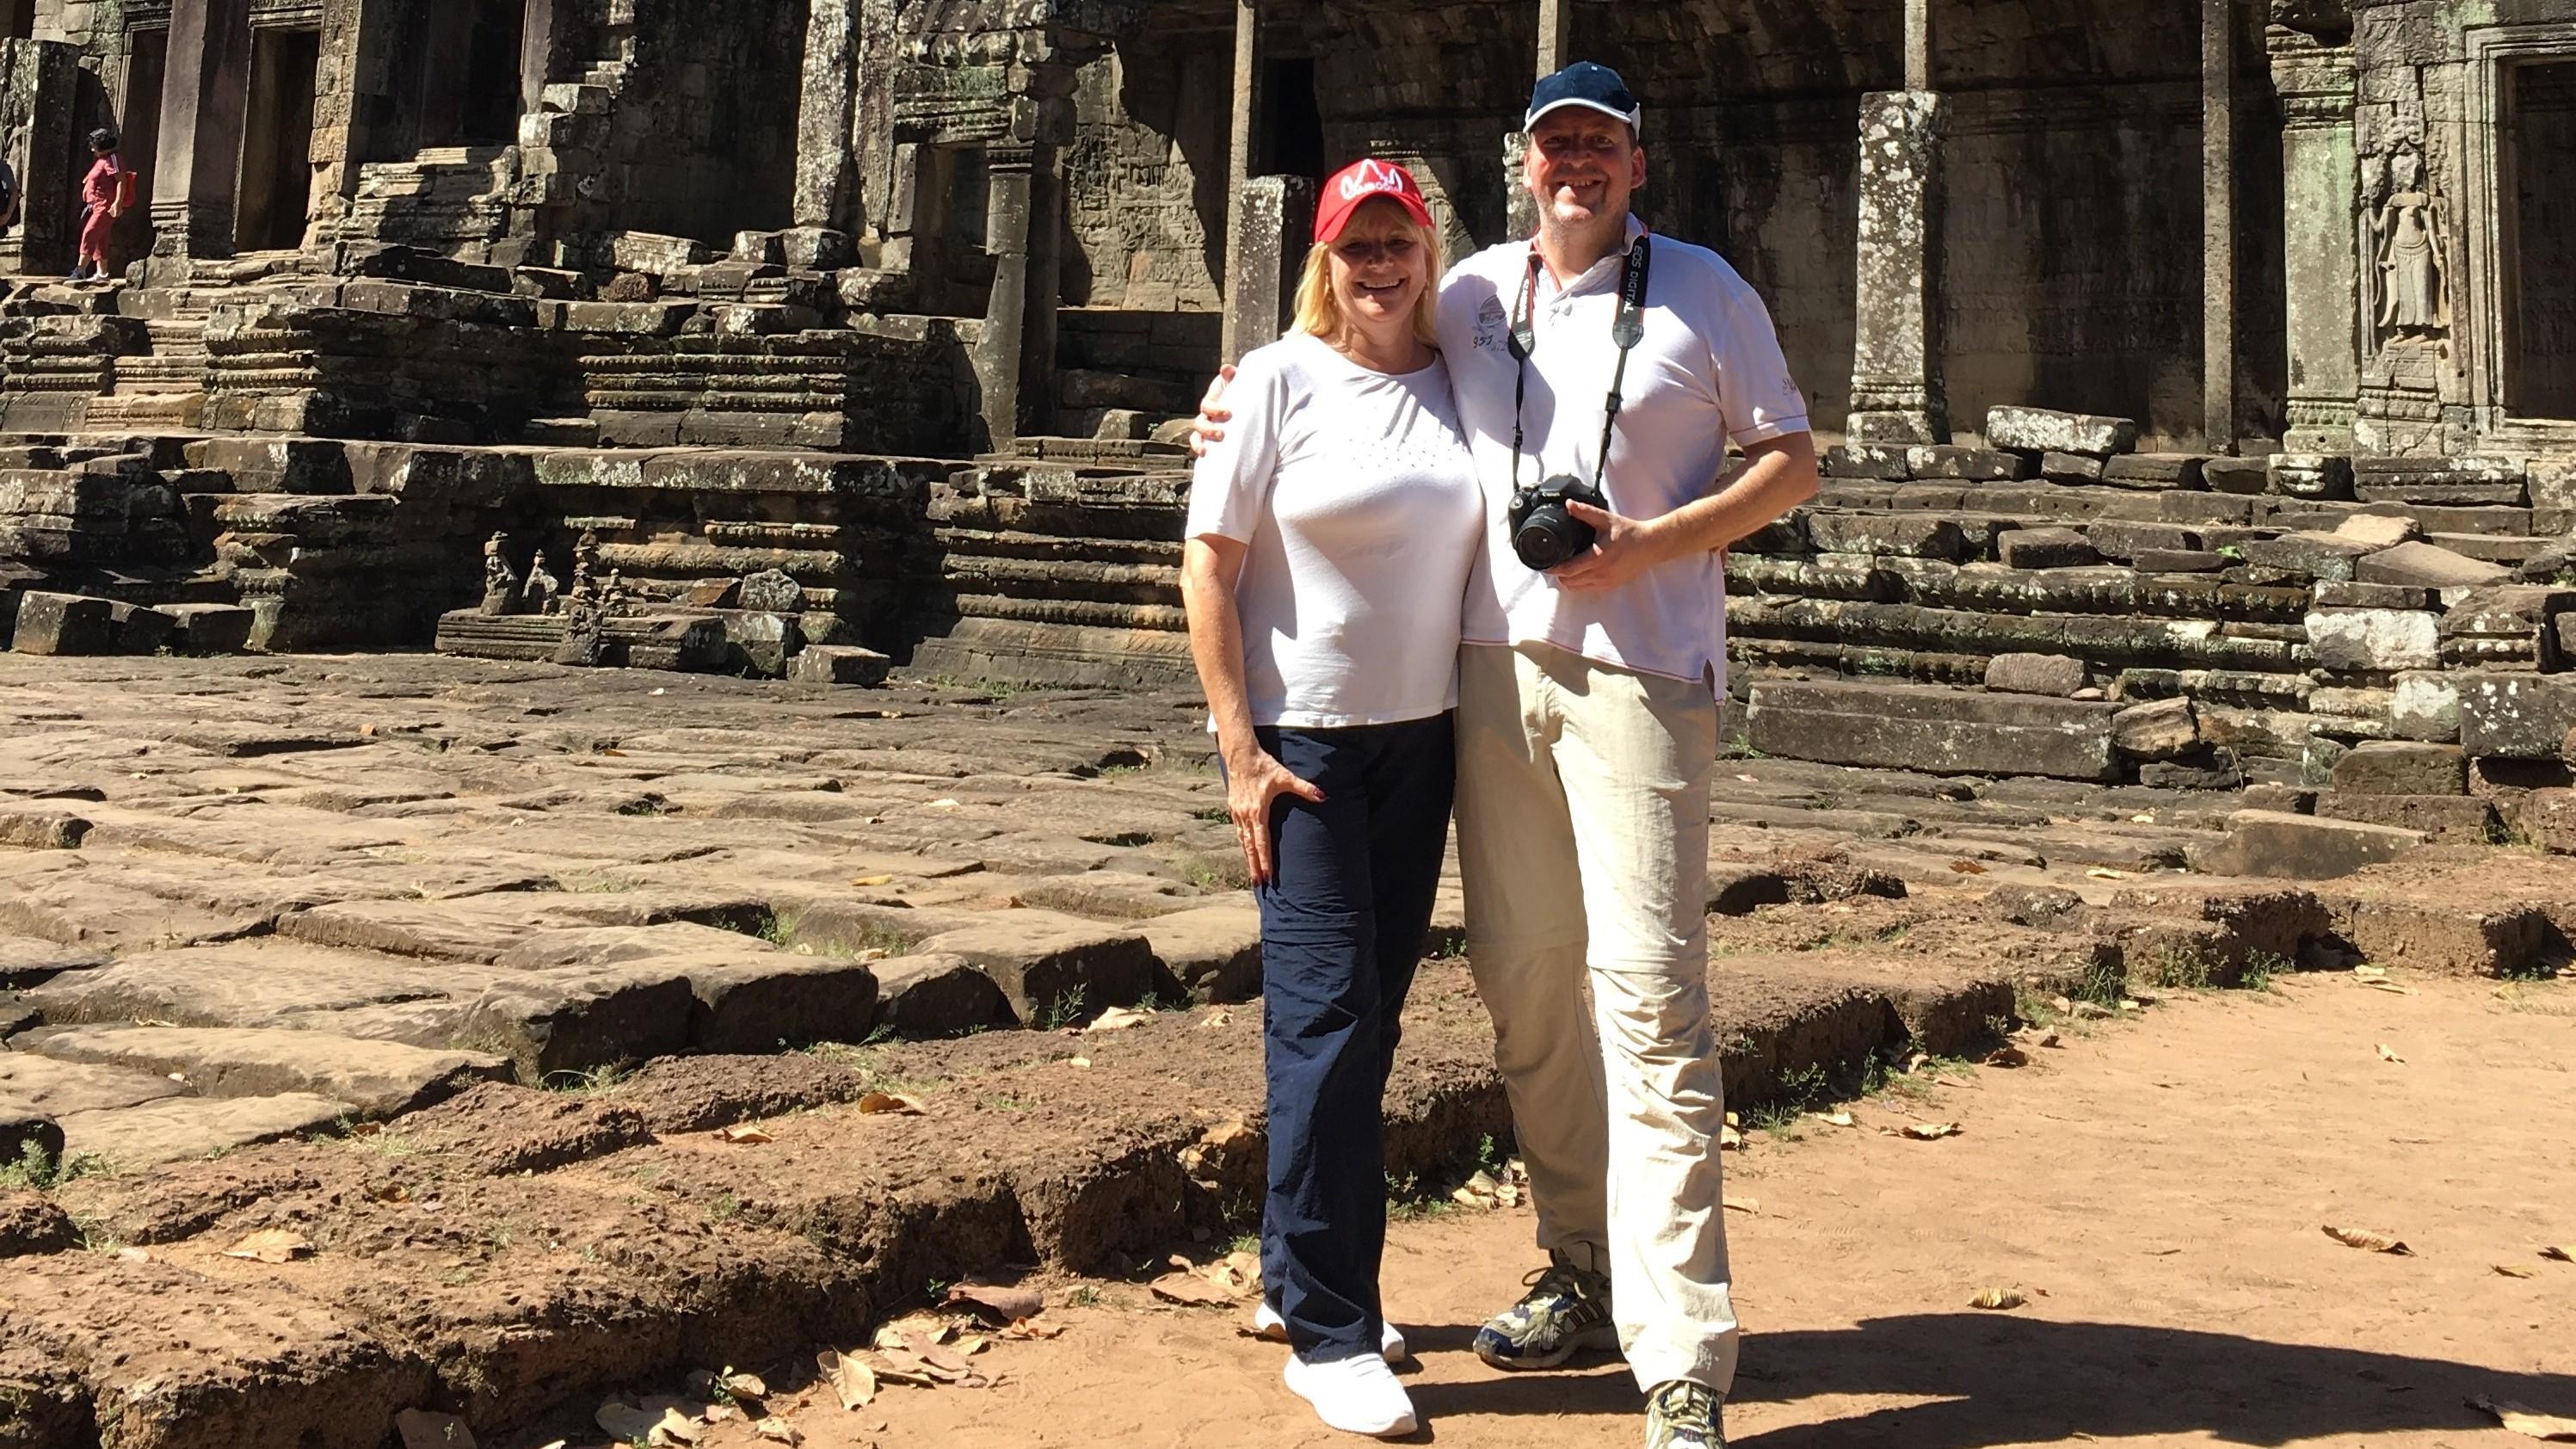 Südostasien Reisebericht von Birgit Schmidt und Uwe Jakopaschk